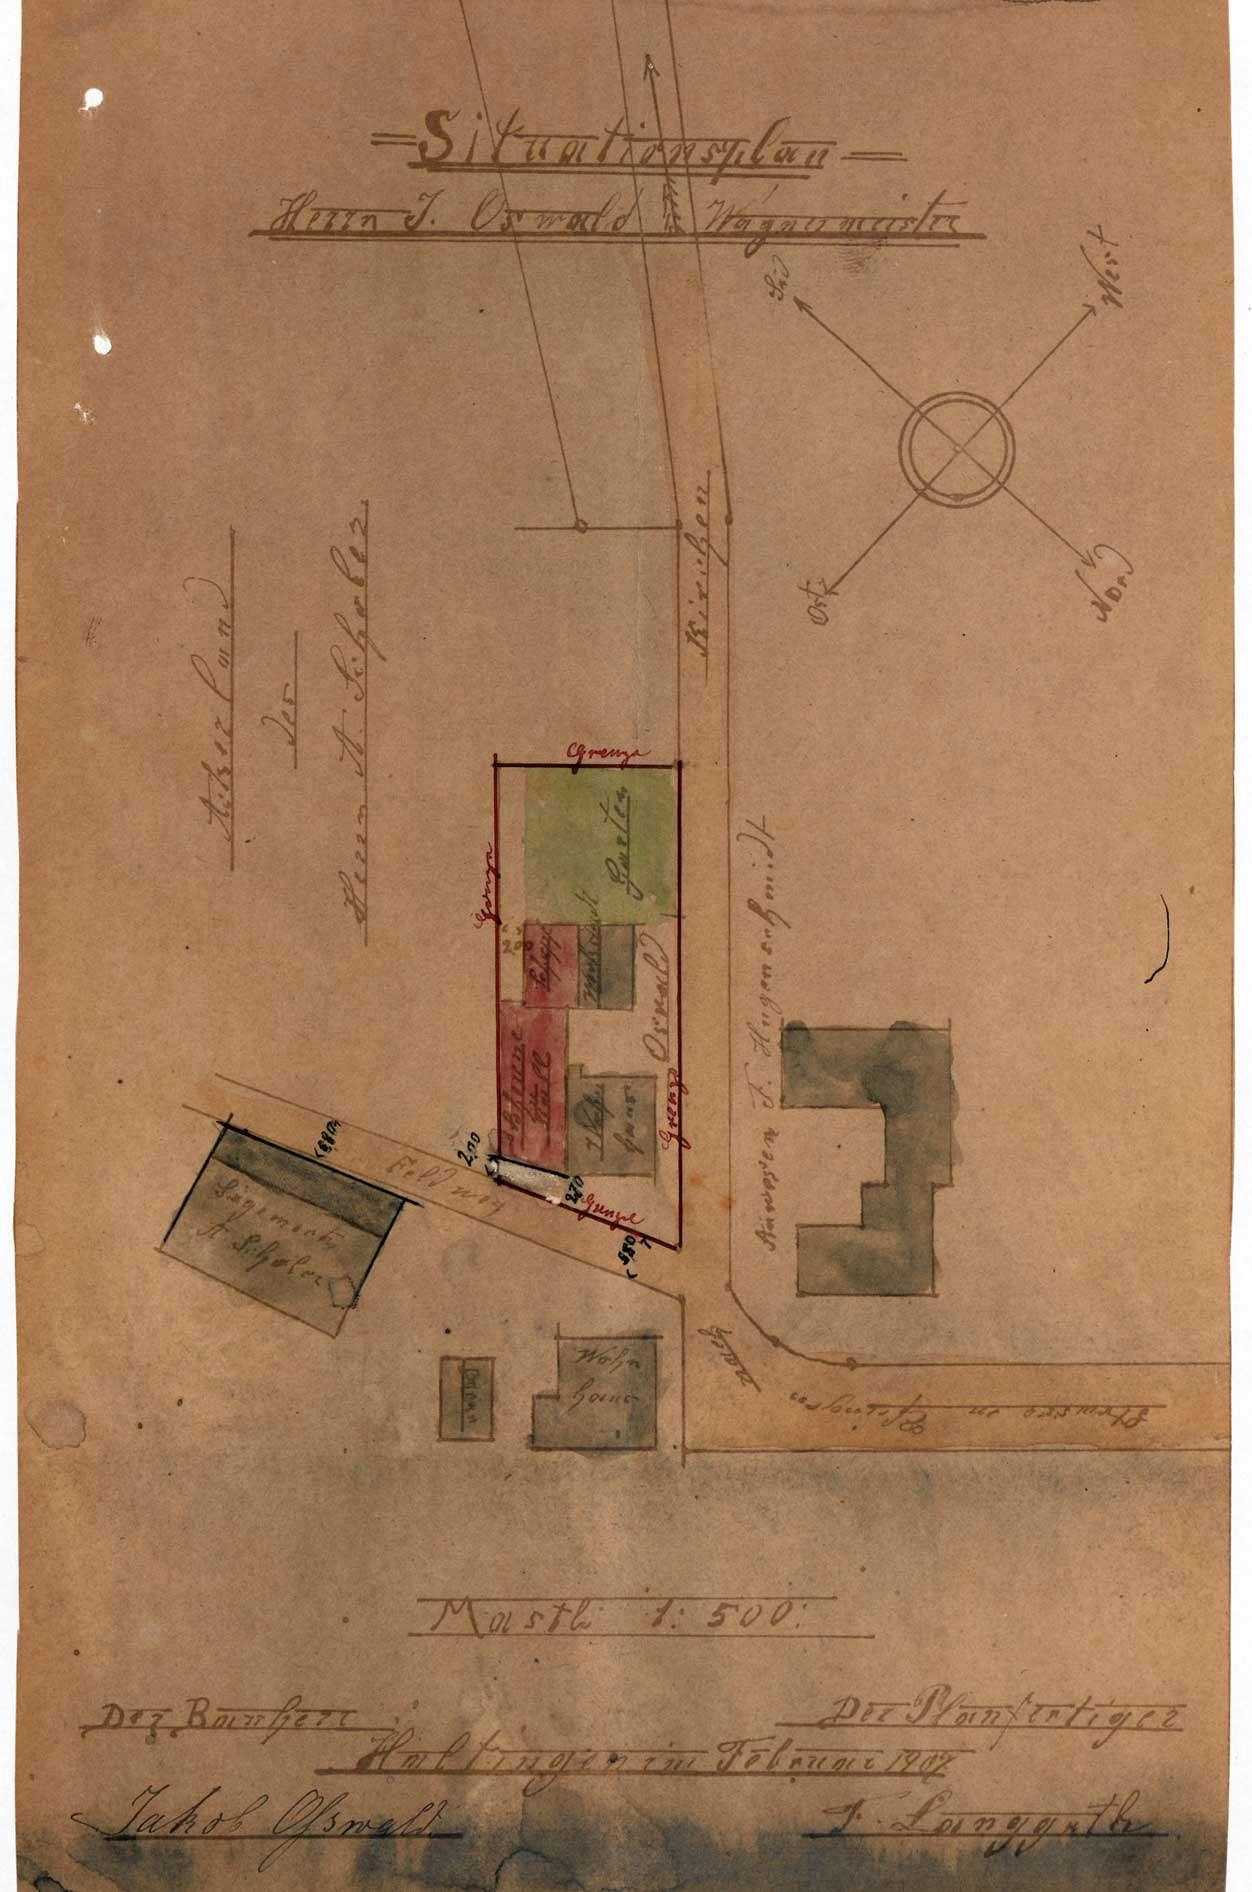 Antrag des Jakob Oßwald auf Genehmigung zum Bau einer Scheune mit Stall und Schopf in Efringen, Bild 1